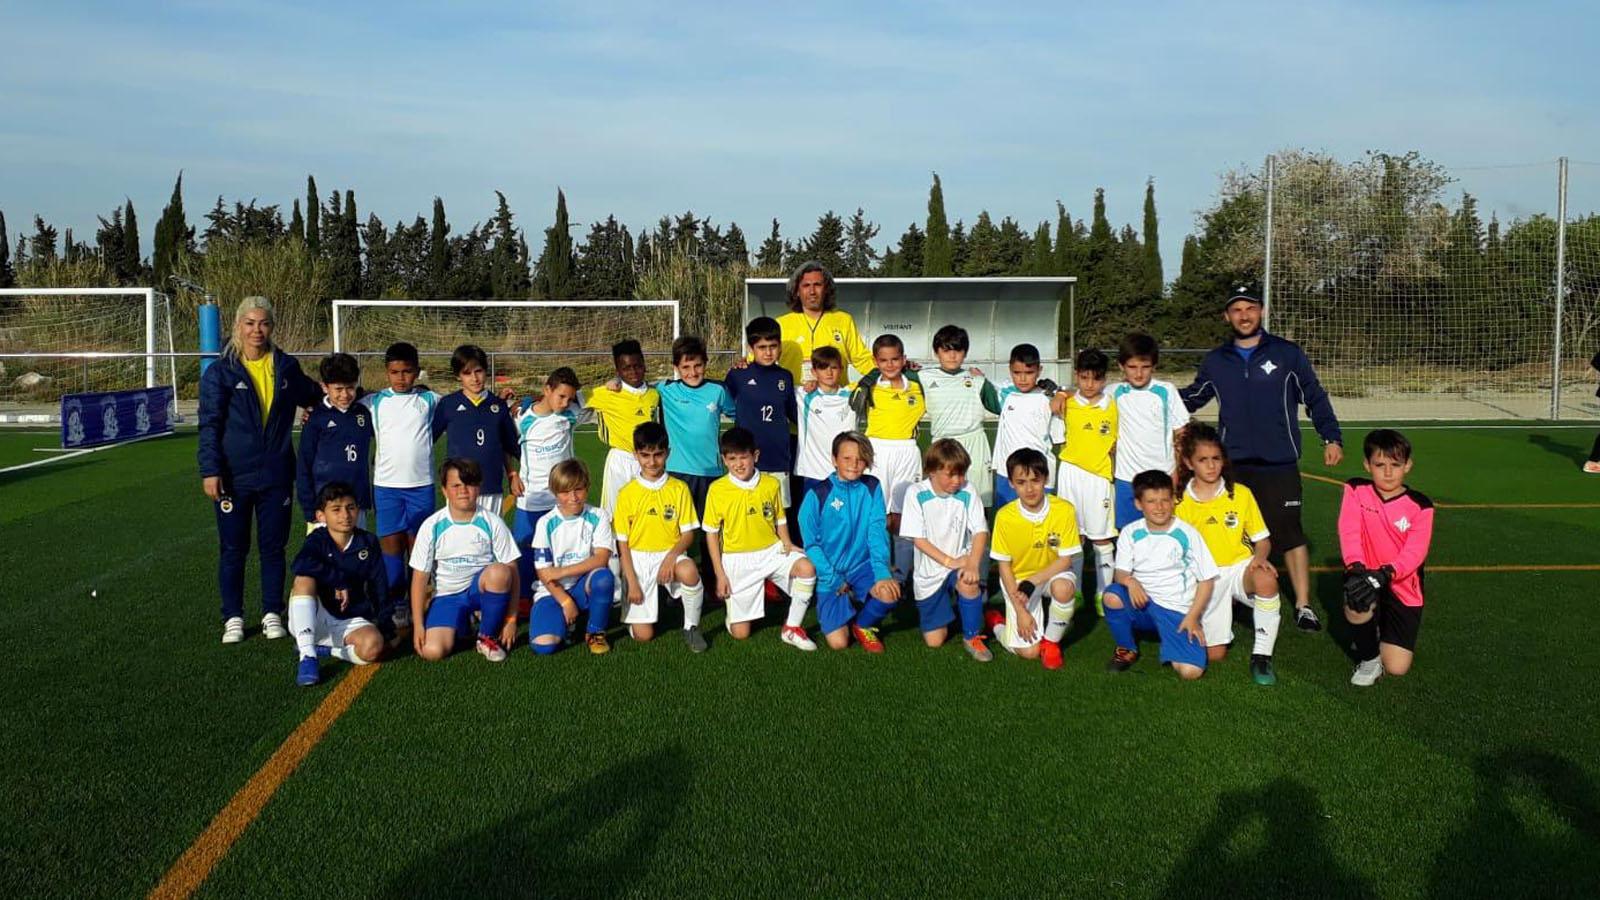 U10 Takımımız Mundialito Cup'ta mücadele ediyor